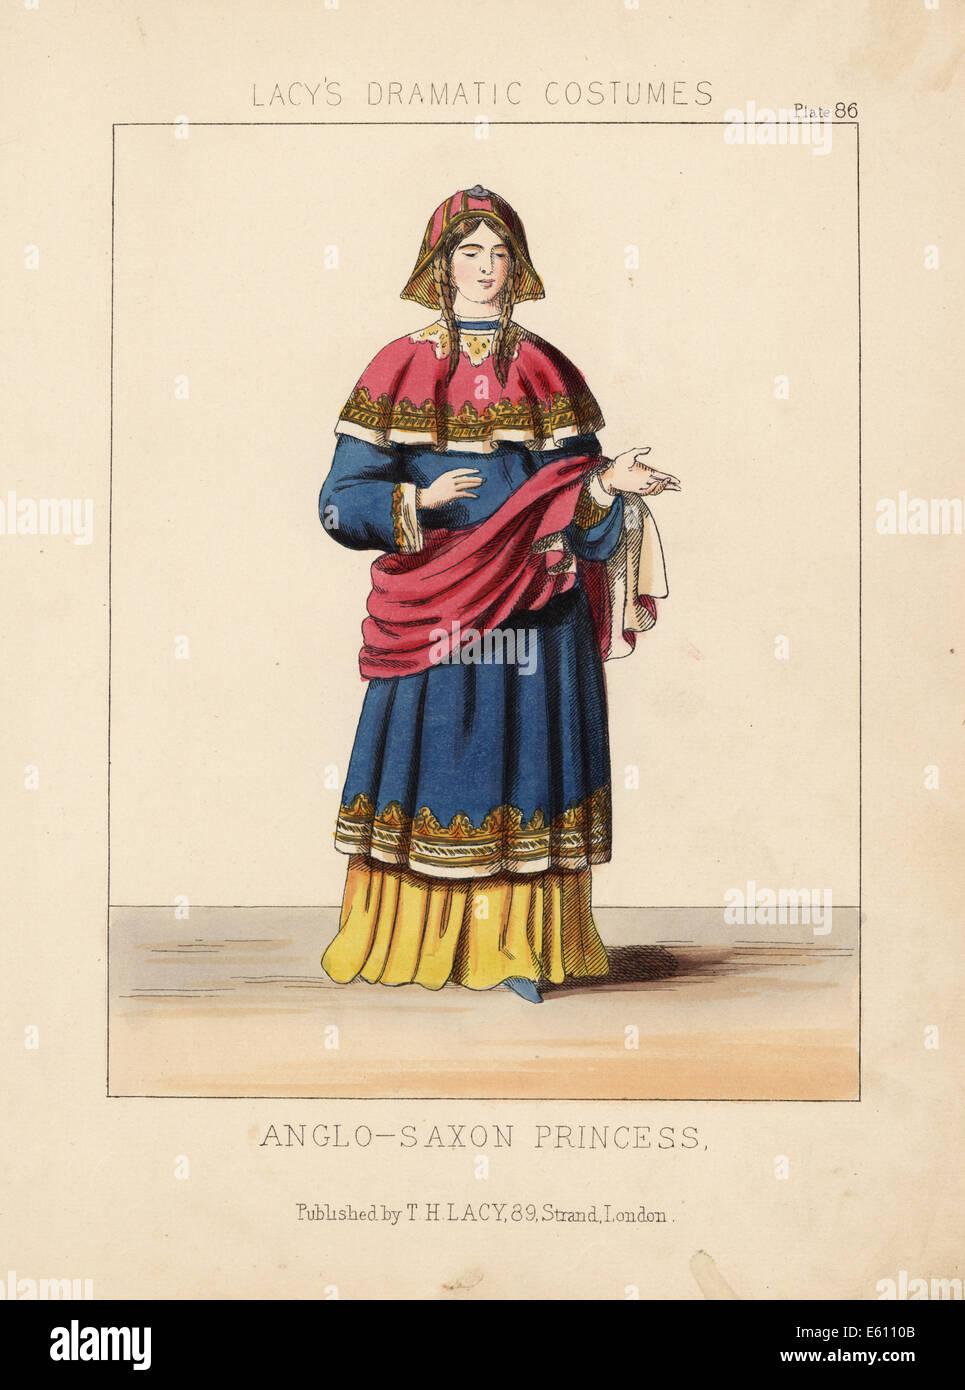 Costume of an Anglo-Saxon princess. - Stock Image